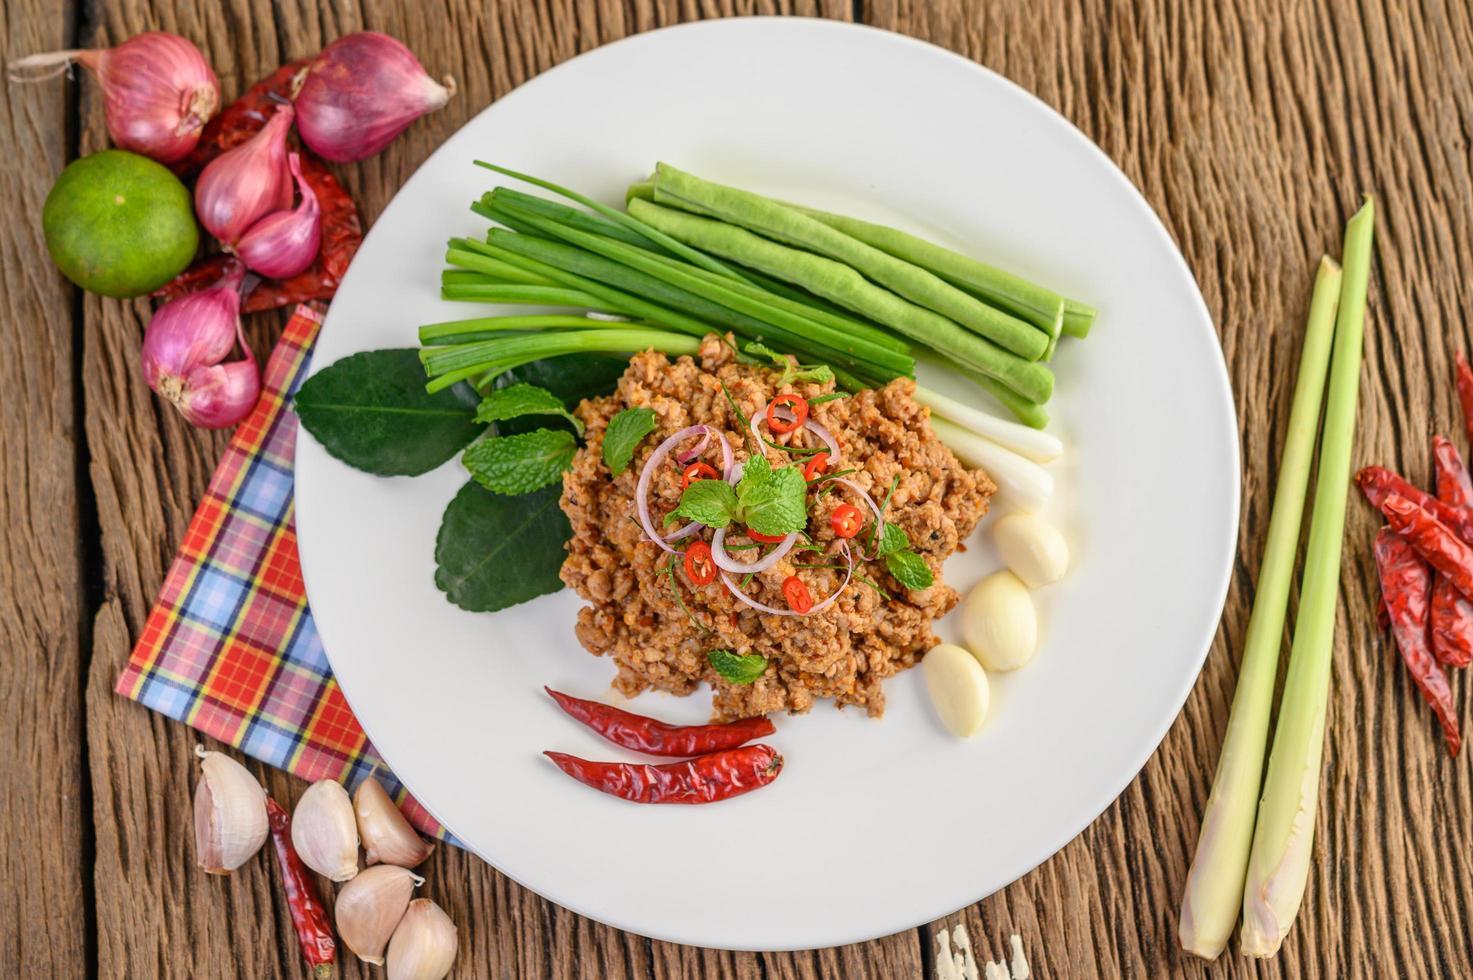 salada picante de porco picada com vegetais verdes foto